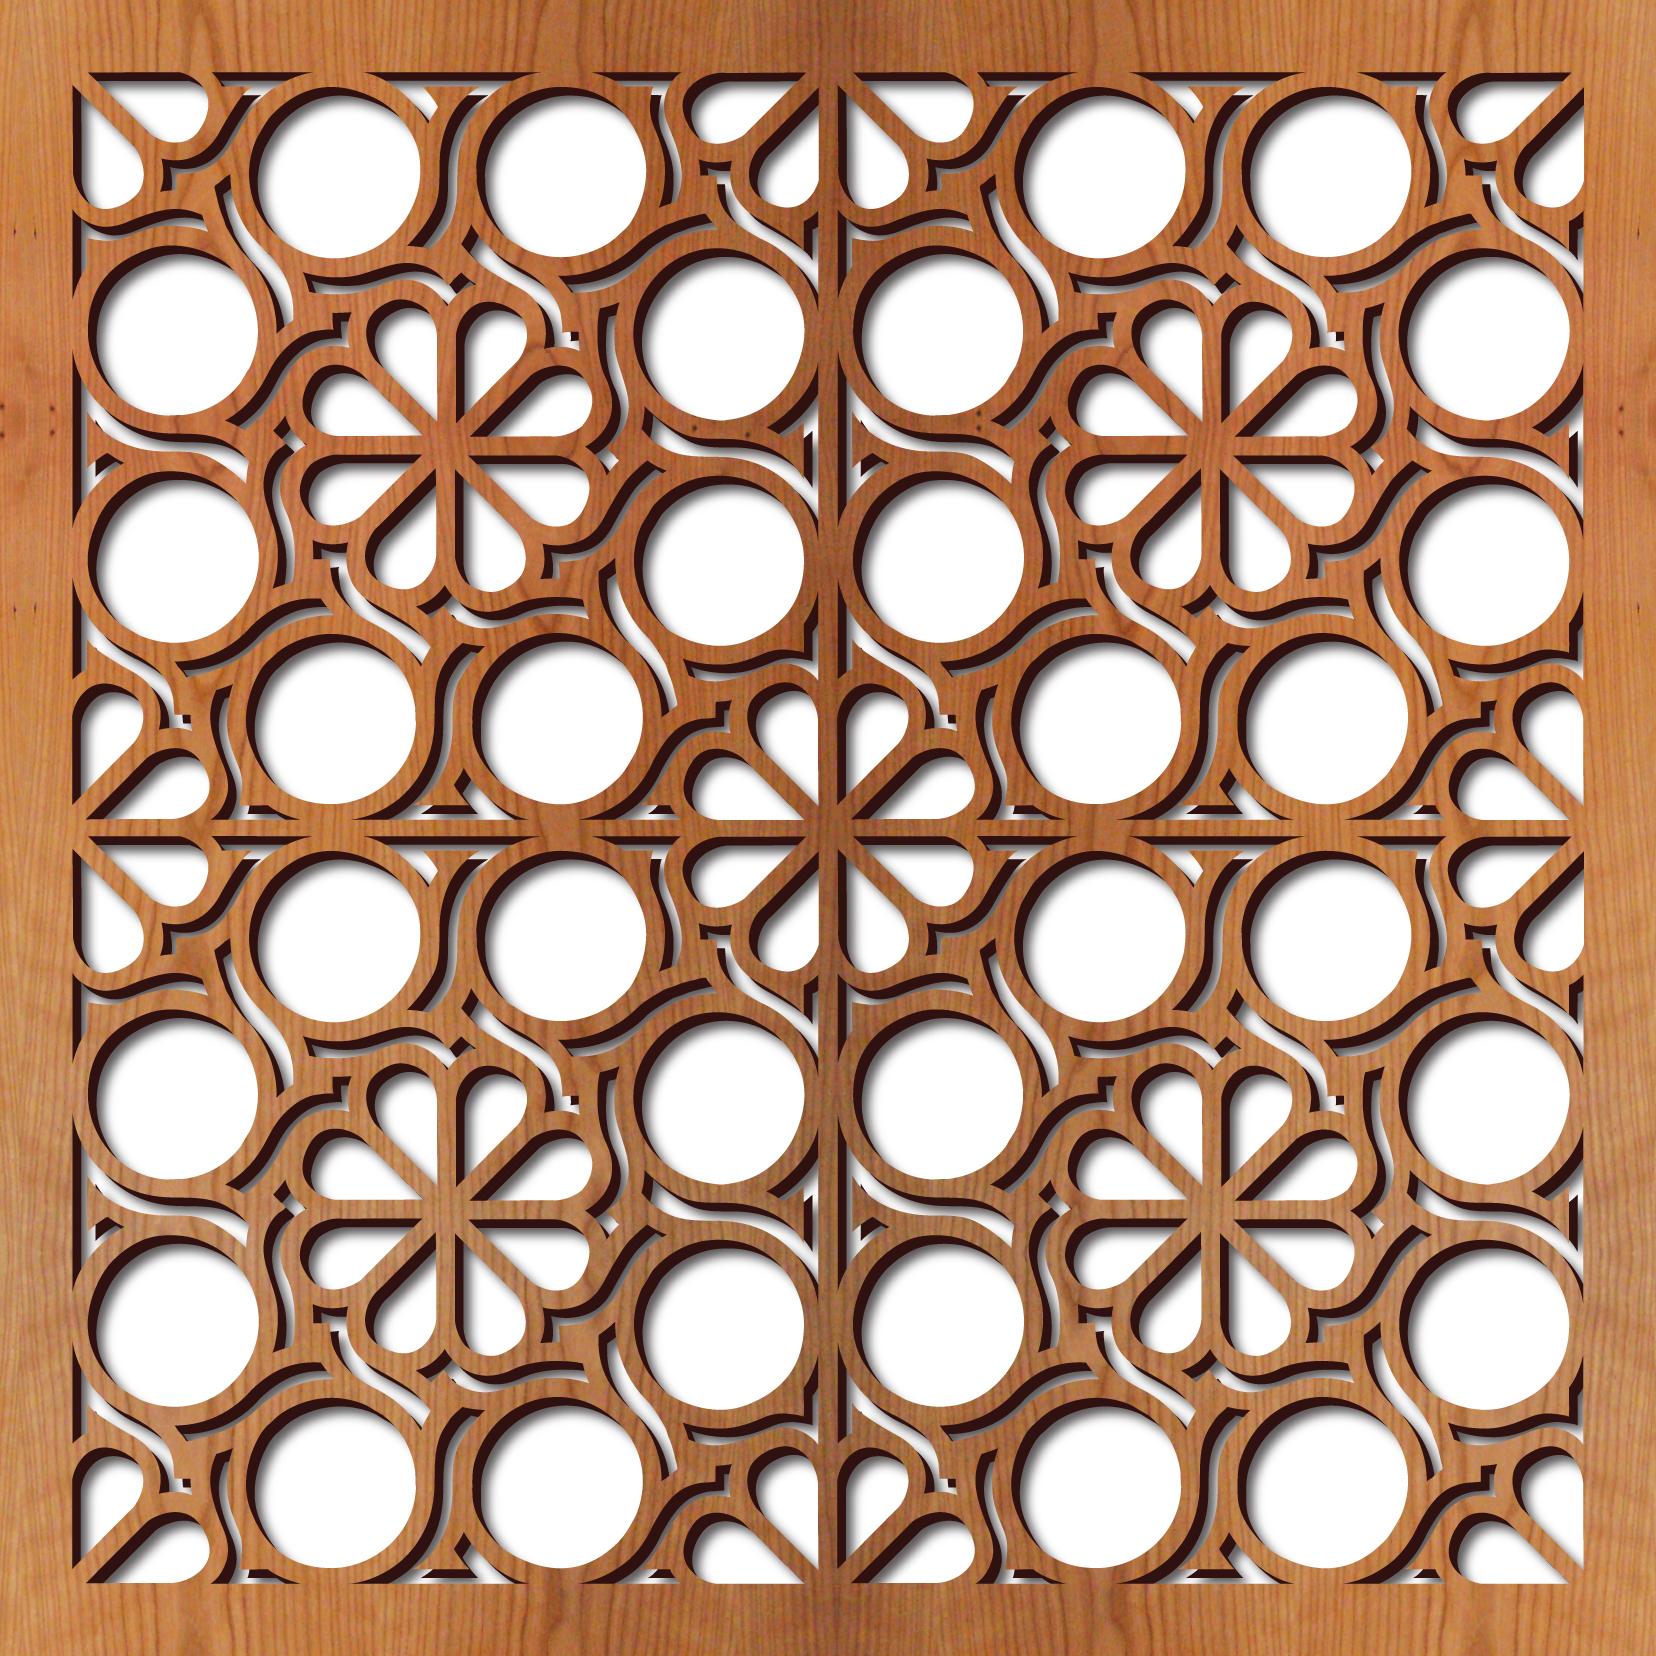 Flower Circles rendering 23 in. x 23 in.